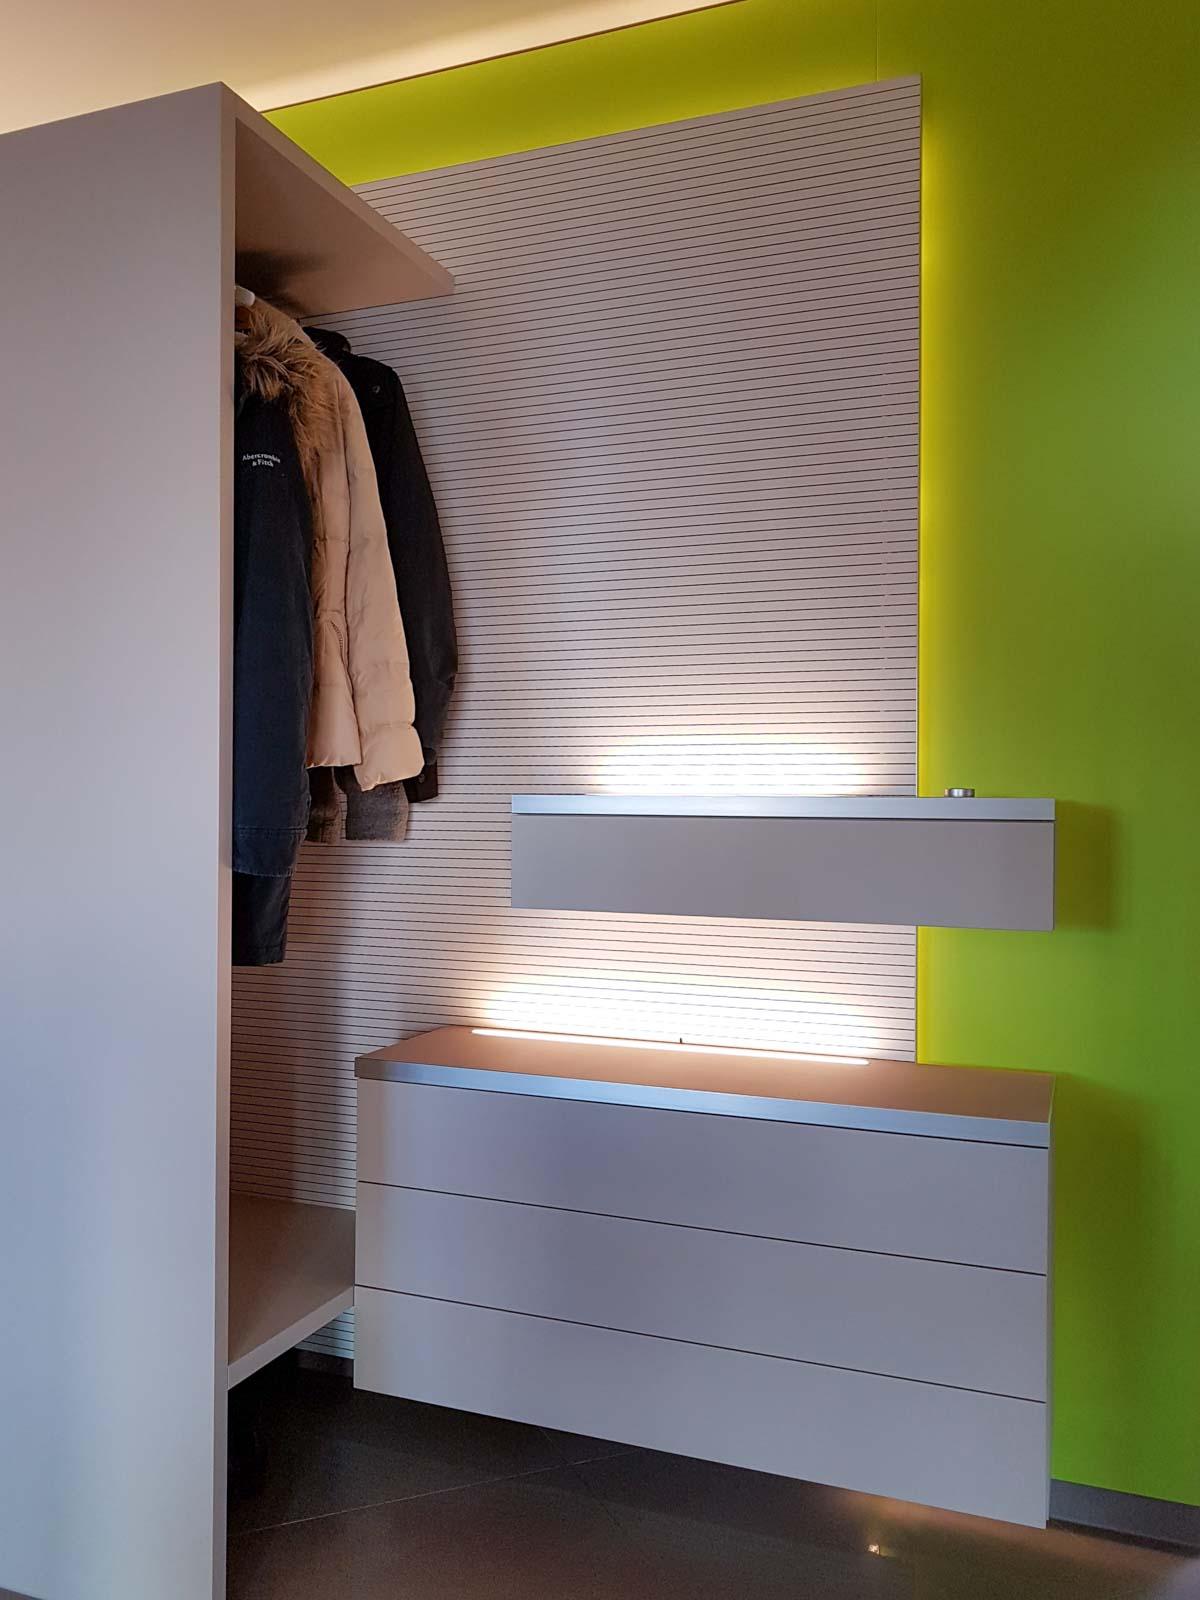 Wooddesign_Wohnzimmermöbel_grün weiss_Schallabsorption_Schalldämmung_Garderobe (2)